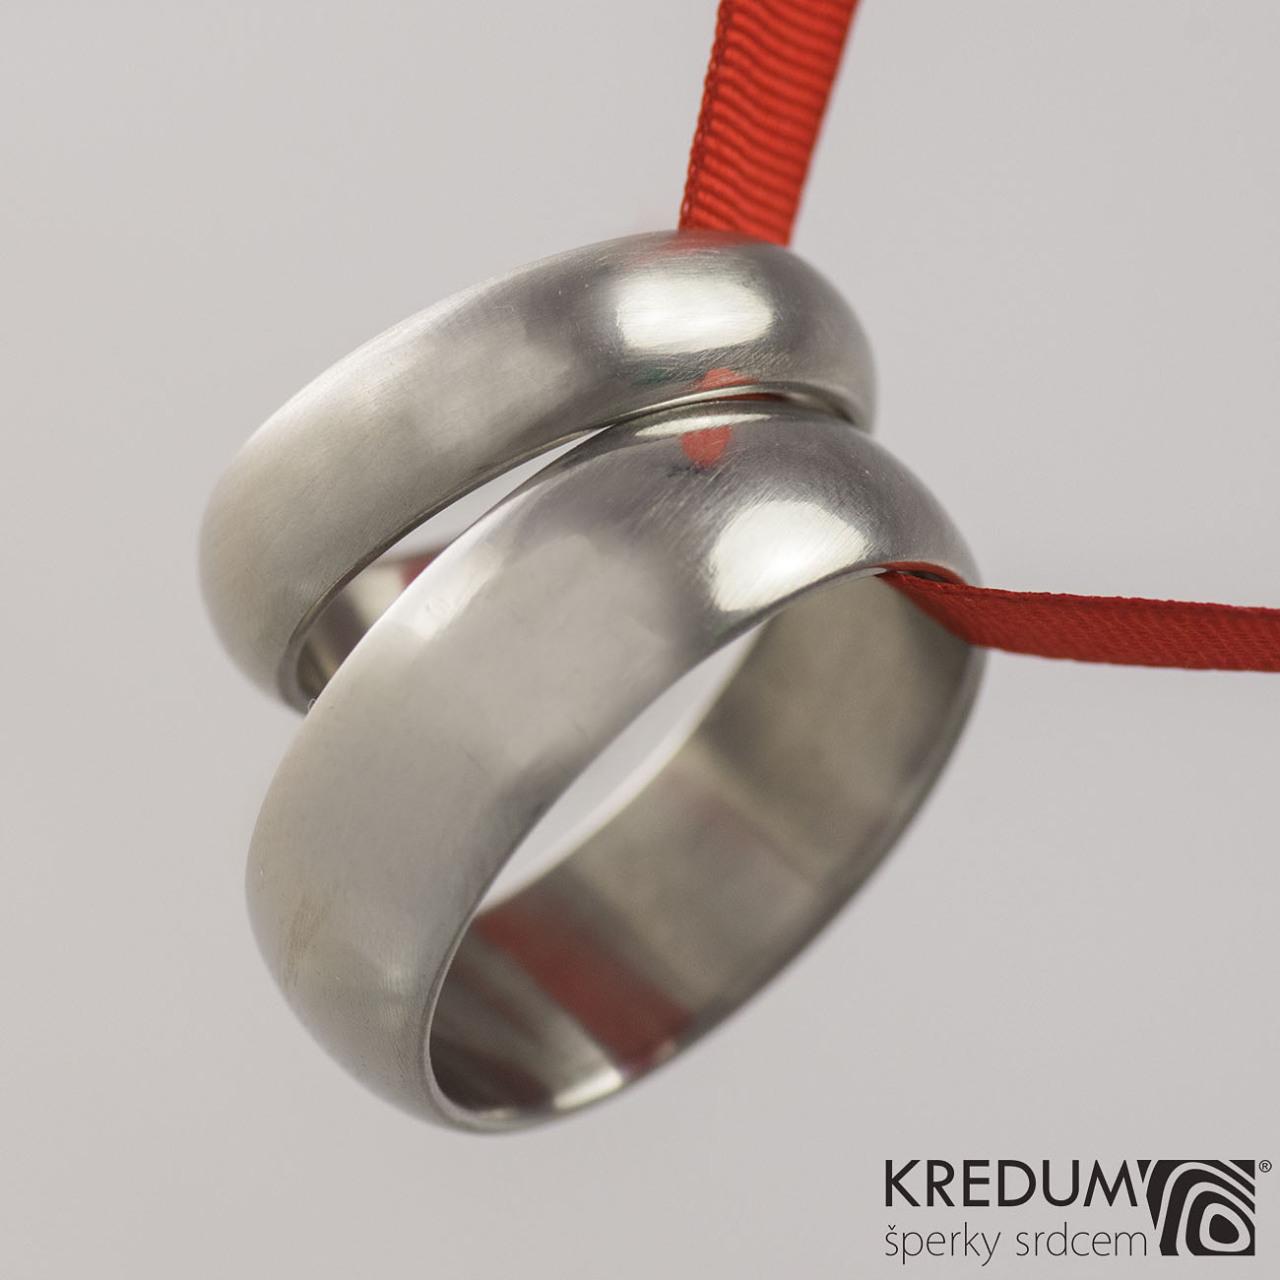 Kované nerezové snubní prsteny – hladké (Kované nerezové snubní prsteny – hladké)